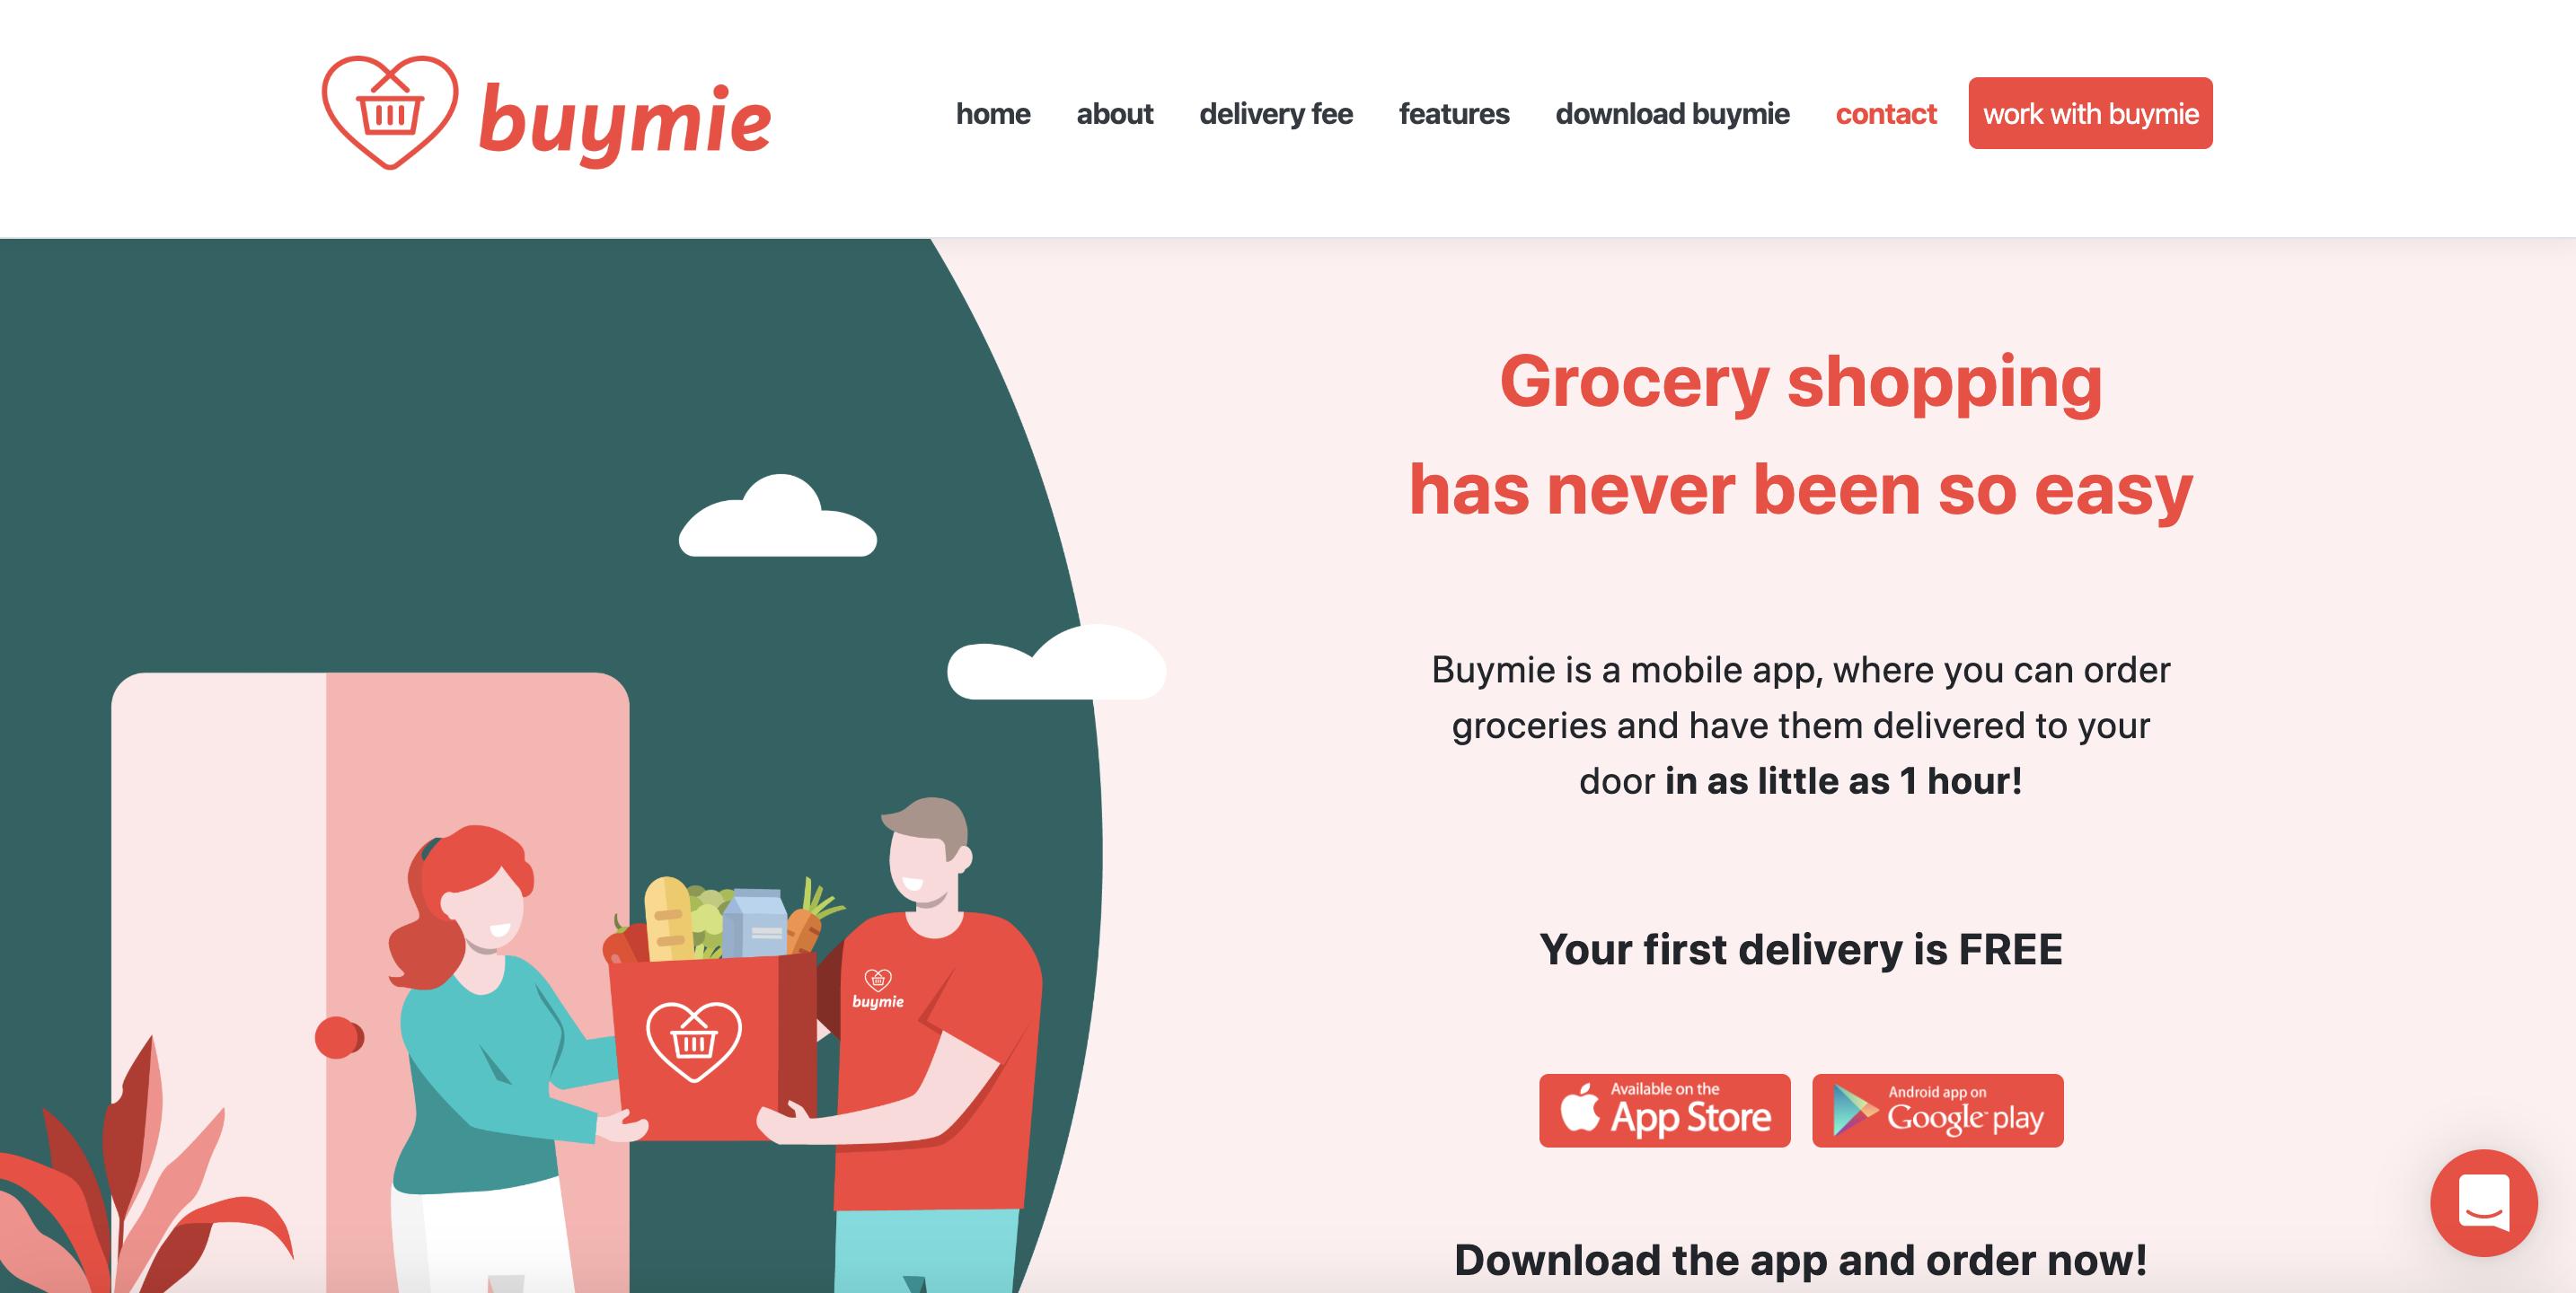 Buymie - Haatch Portfolio Company